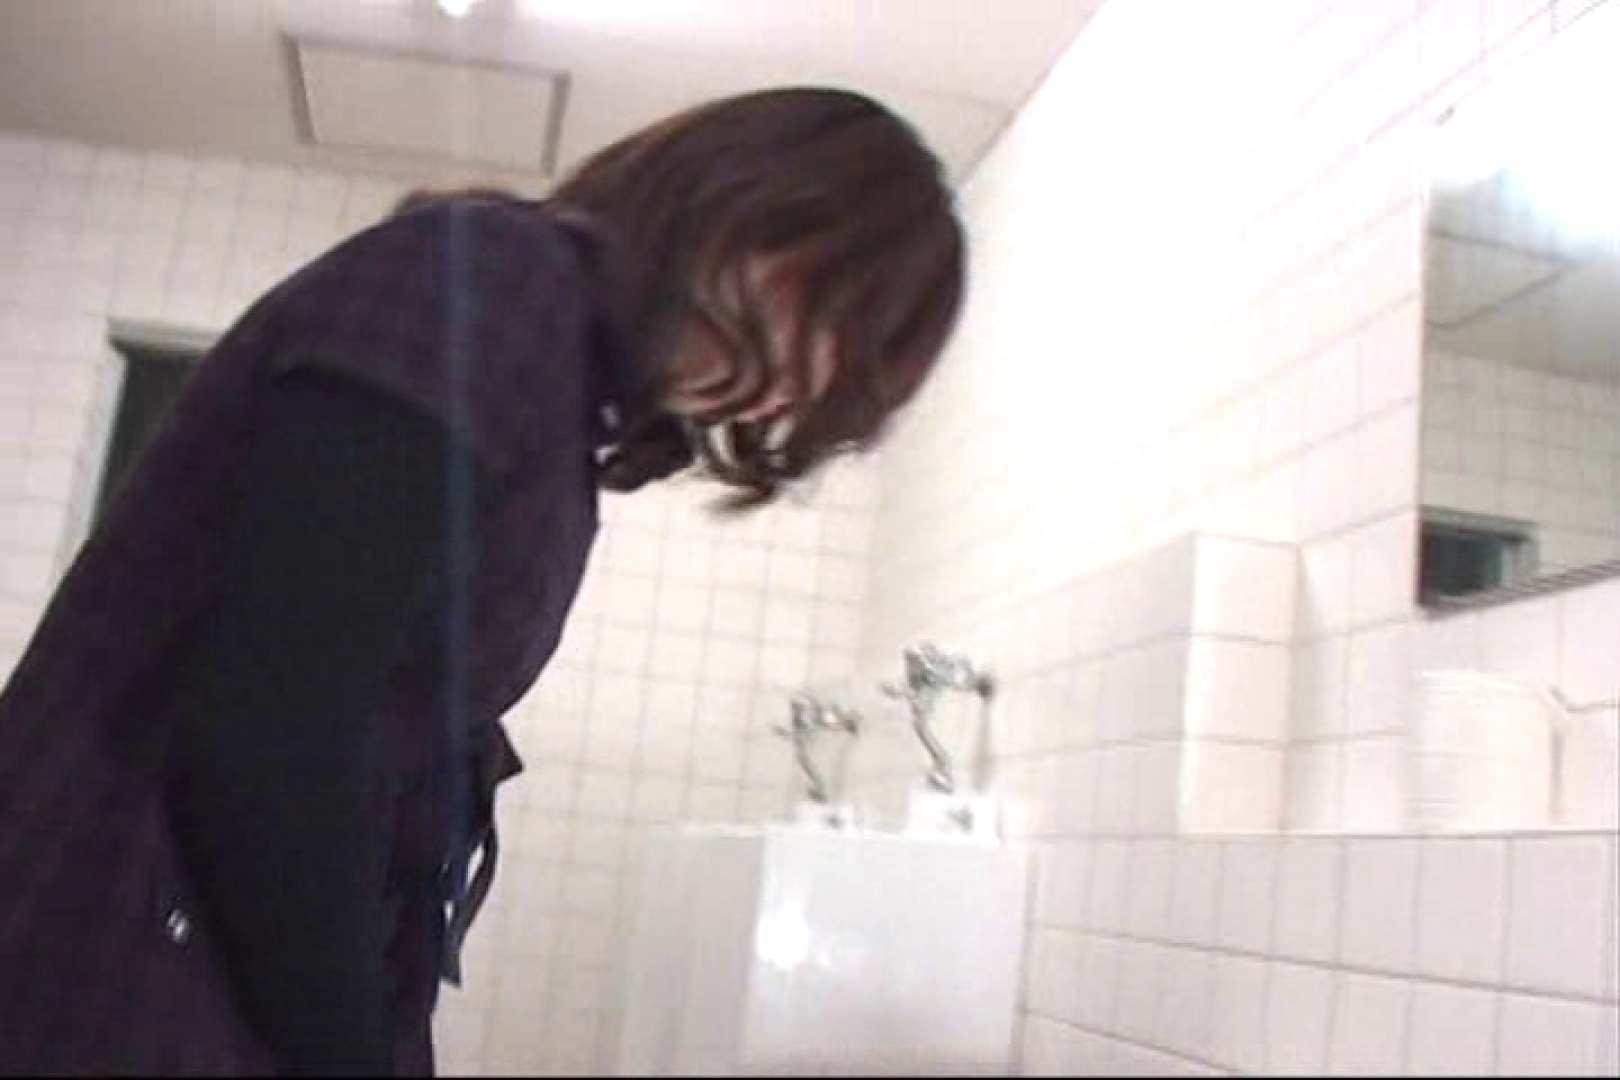 雑居ビル洗面所只今使用禁止中!Vol.6 洗面所はめどり スケベ動画紹介 89画像 3